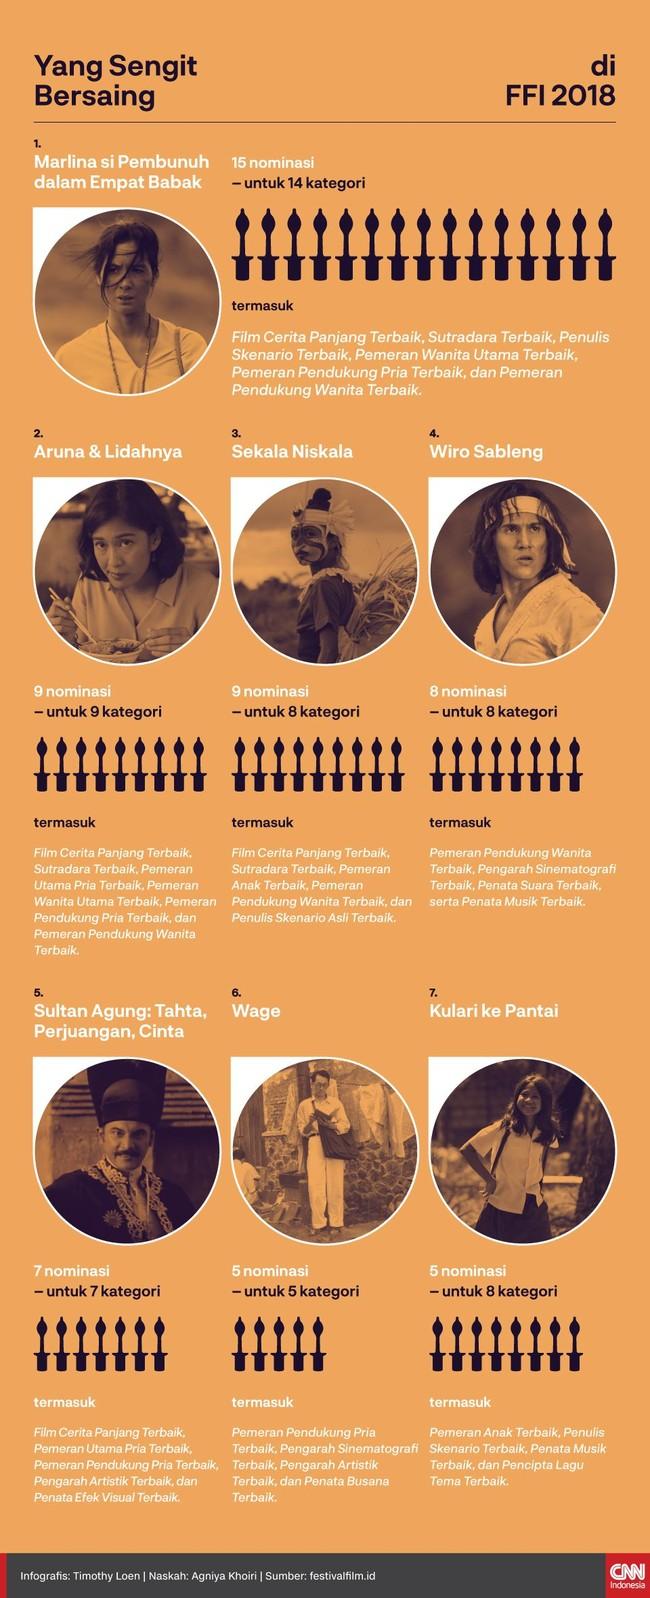 Berbagai genre film mewarnai perebutan piala Festival Film Indonesia 2018. 'Marlina' berada di posisi puncak, disusul oleh 'Aruna & Lidahnya'.